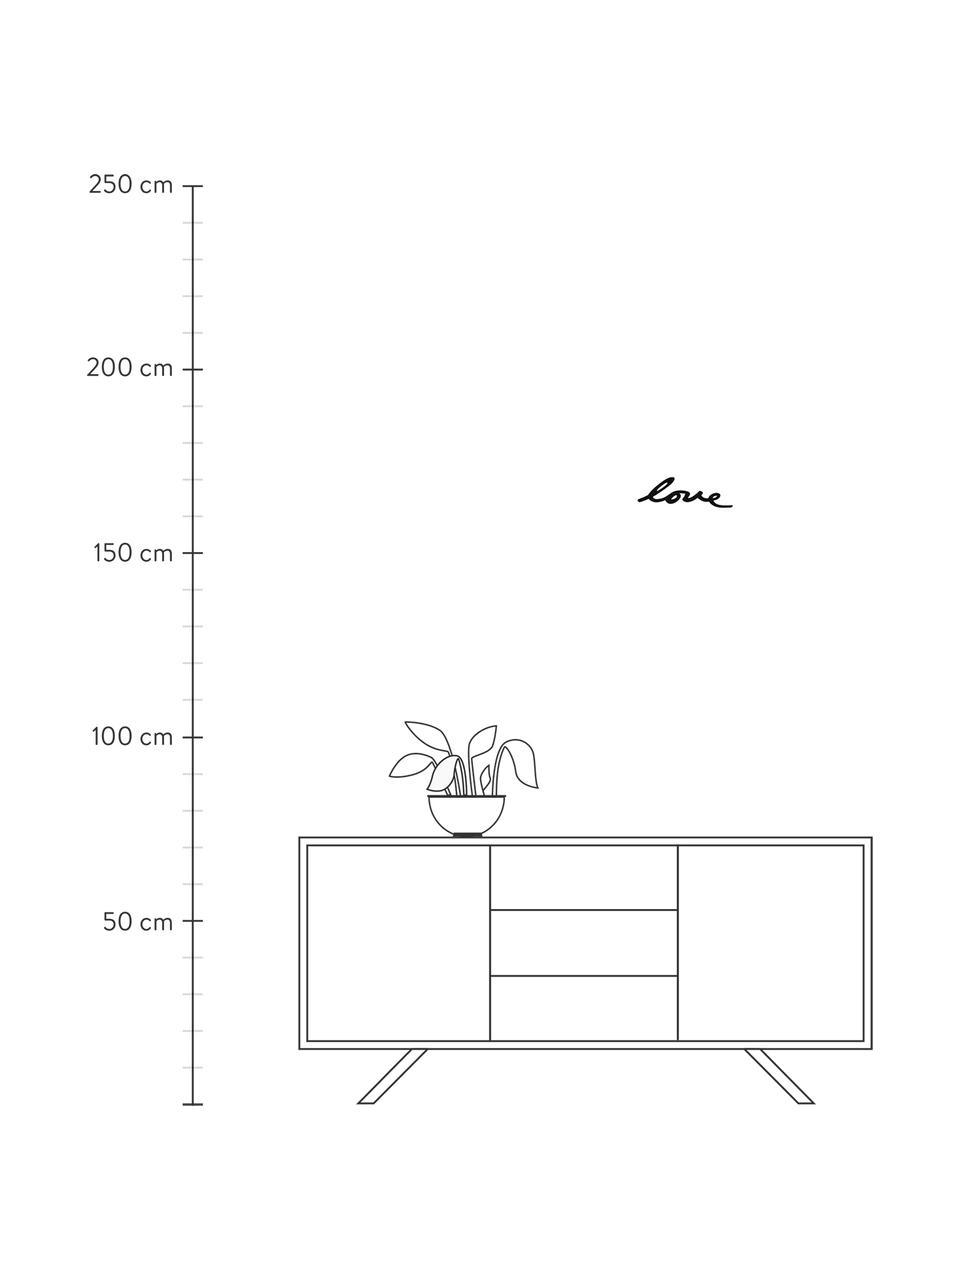 Wandschmuck-Set Mantra aus lackiertem Stahl, 8-tlg., Stahl, lackiert, Schwarz, Sondergrößen